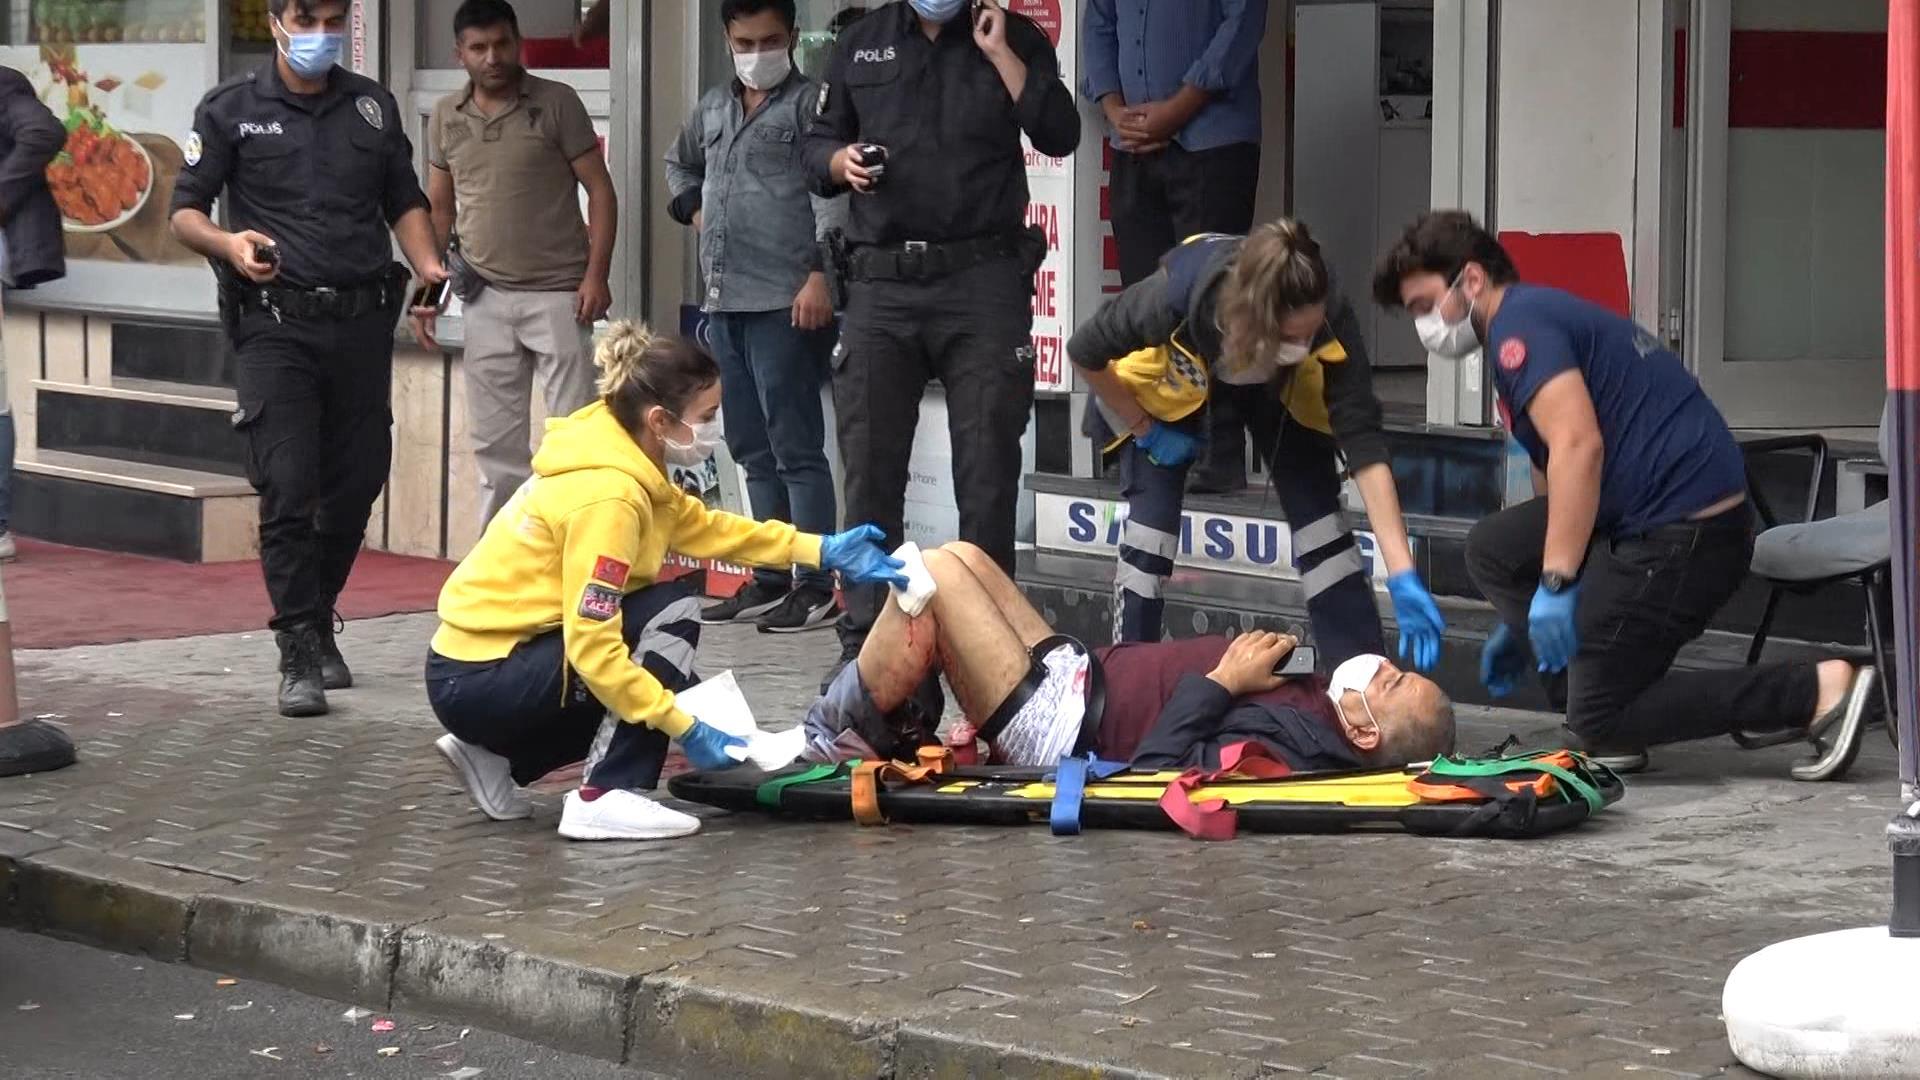 Arnavutköy'de silahlı saldırı, 1 yaralı